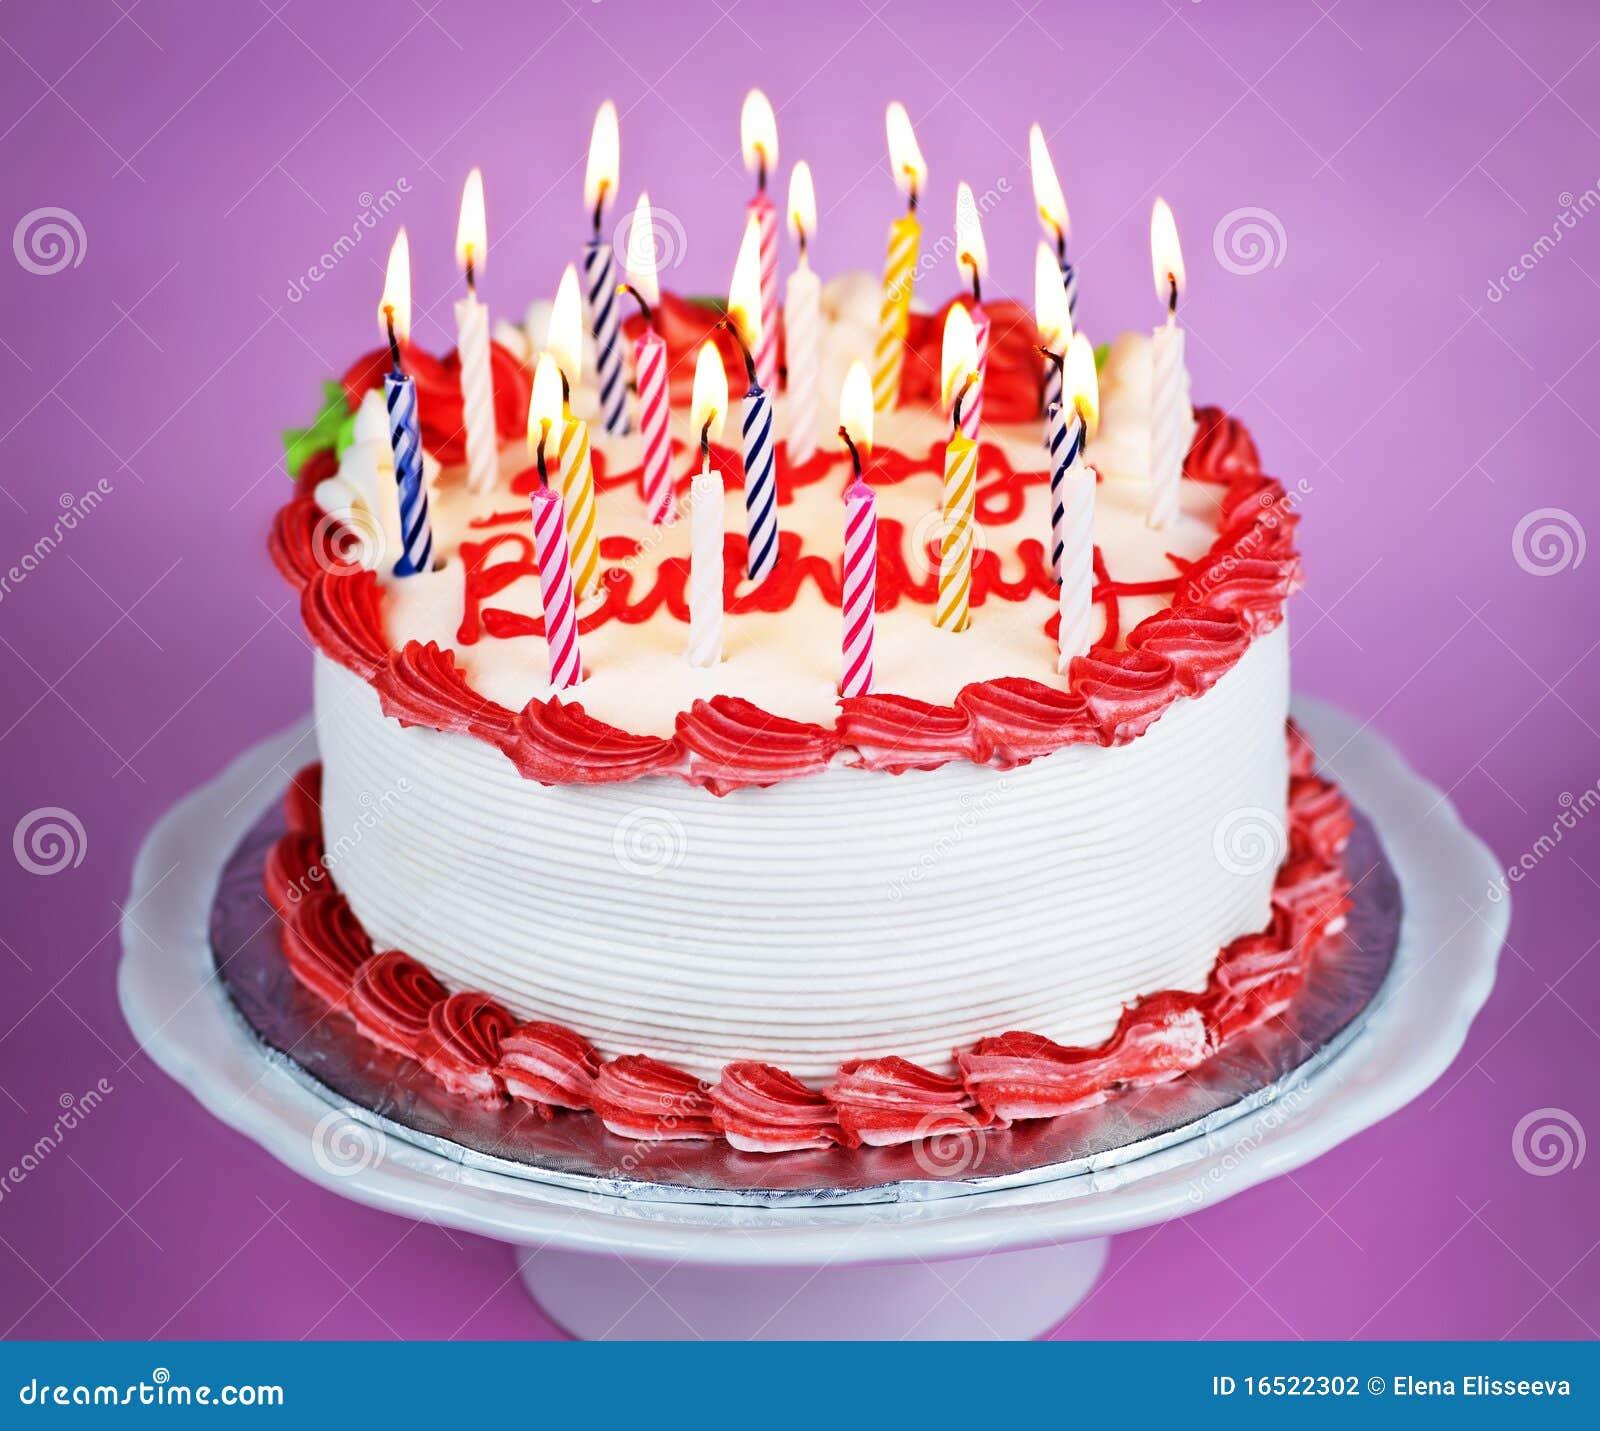 Gâteau d anniversaire avec les bougies allumées